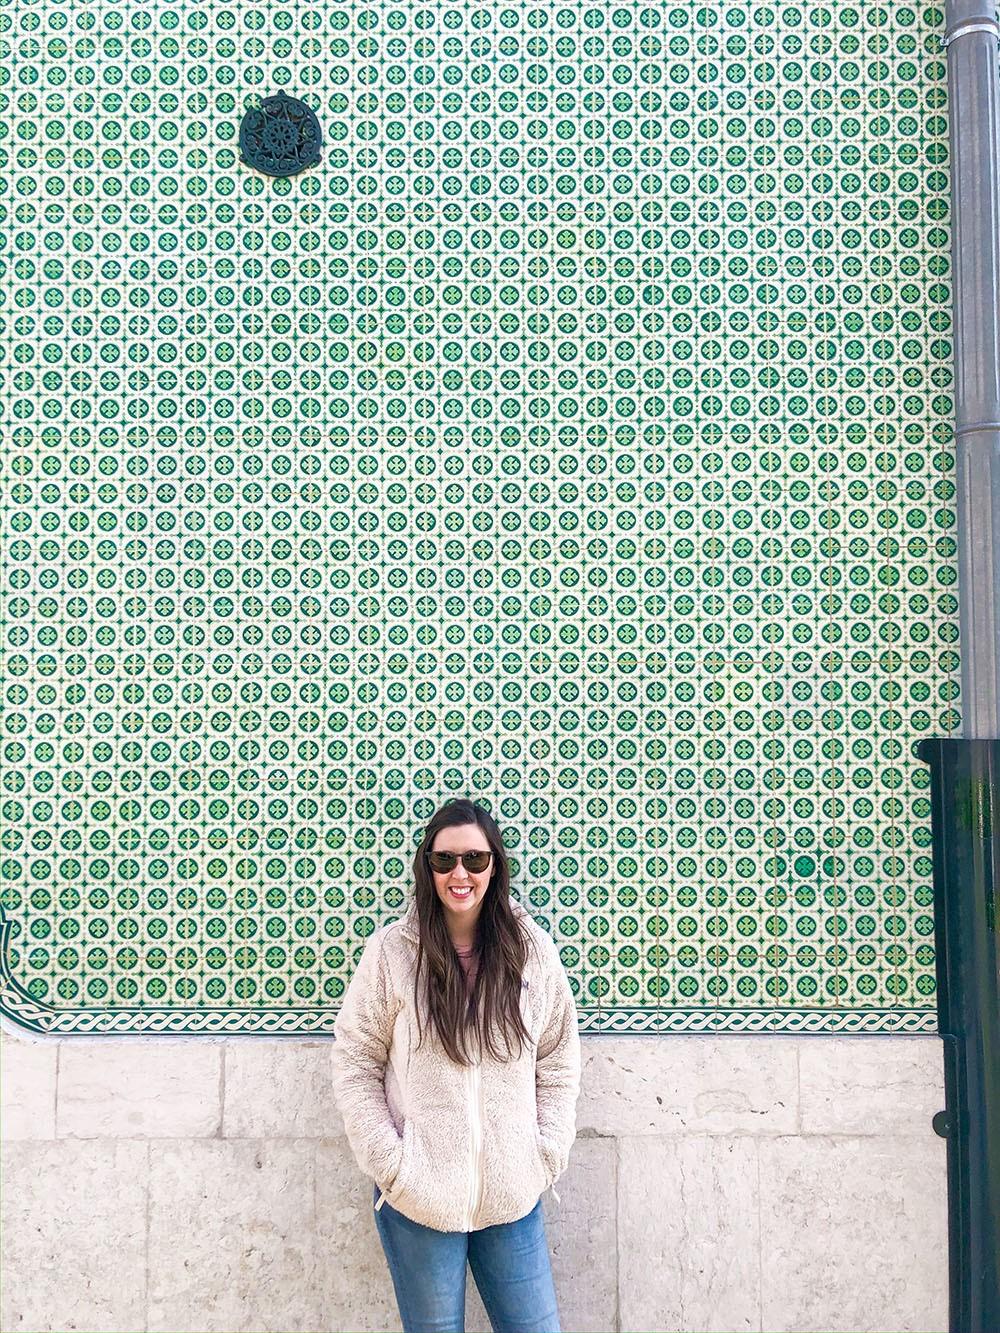 Horario de viaje en Portugal